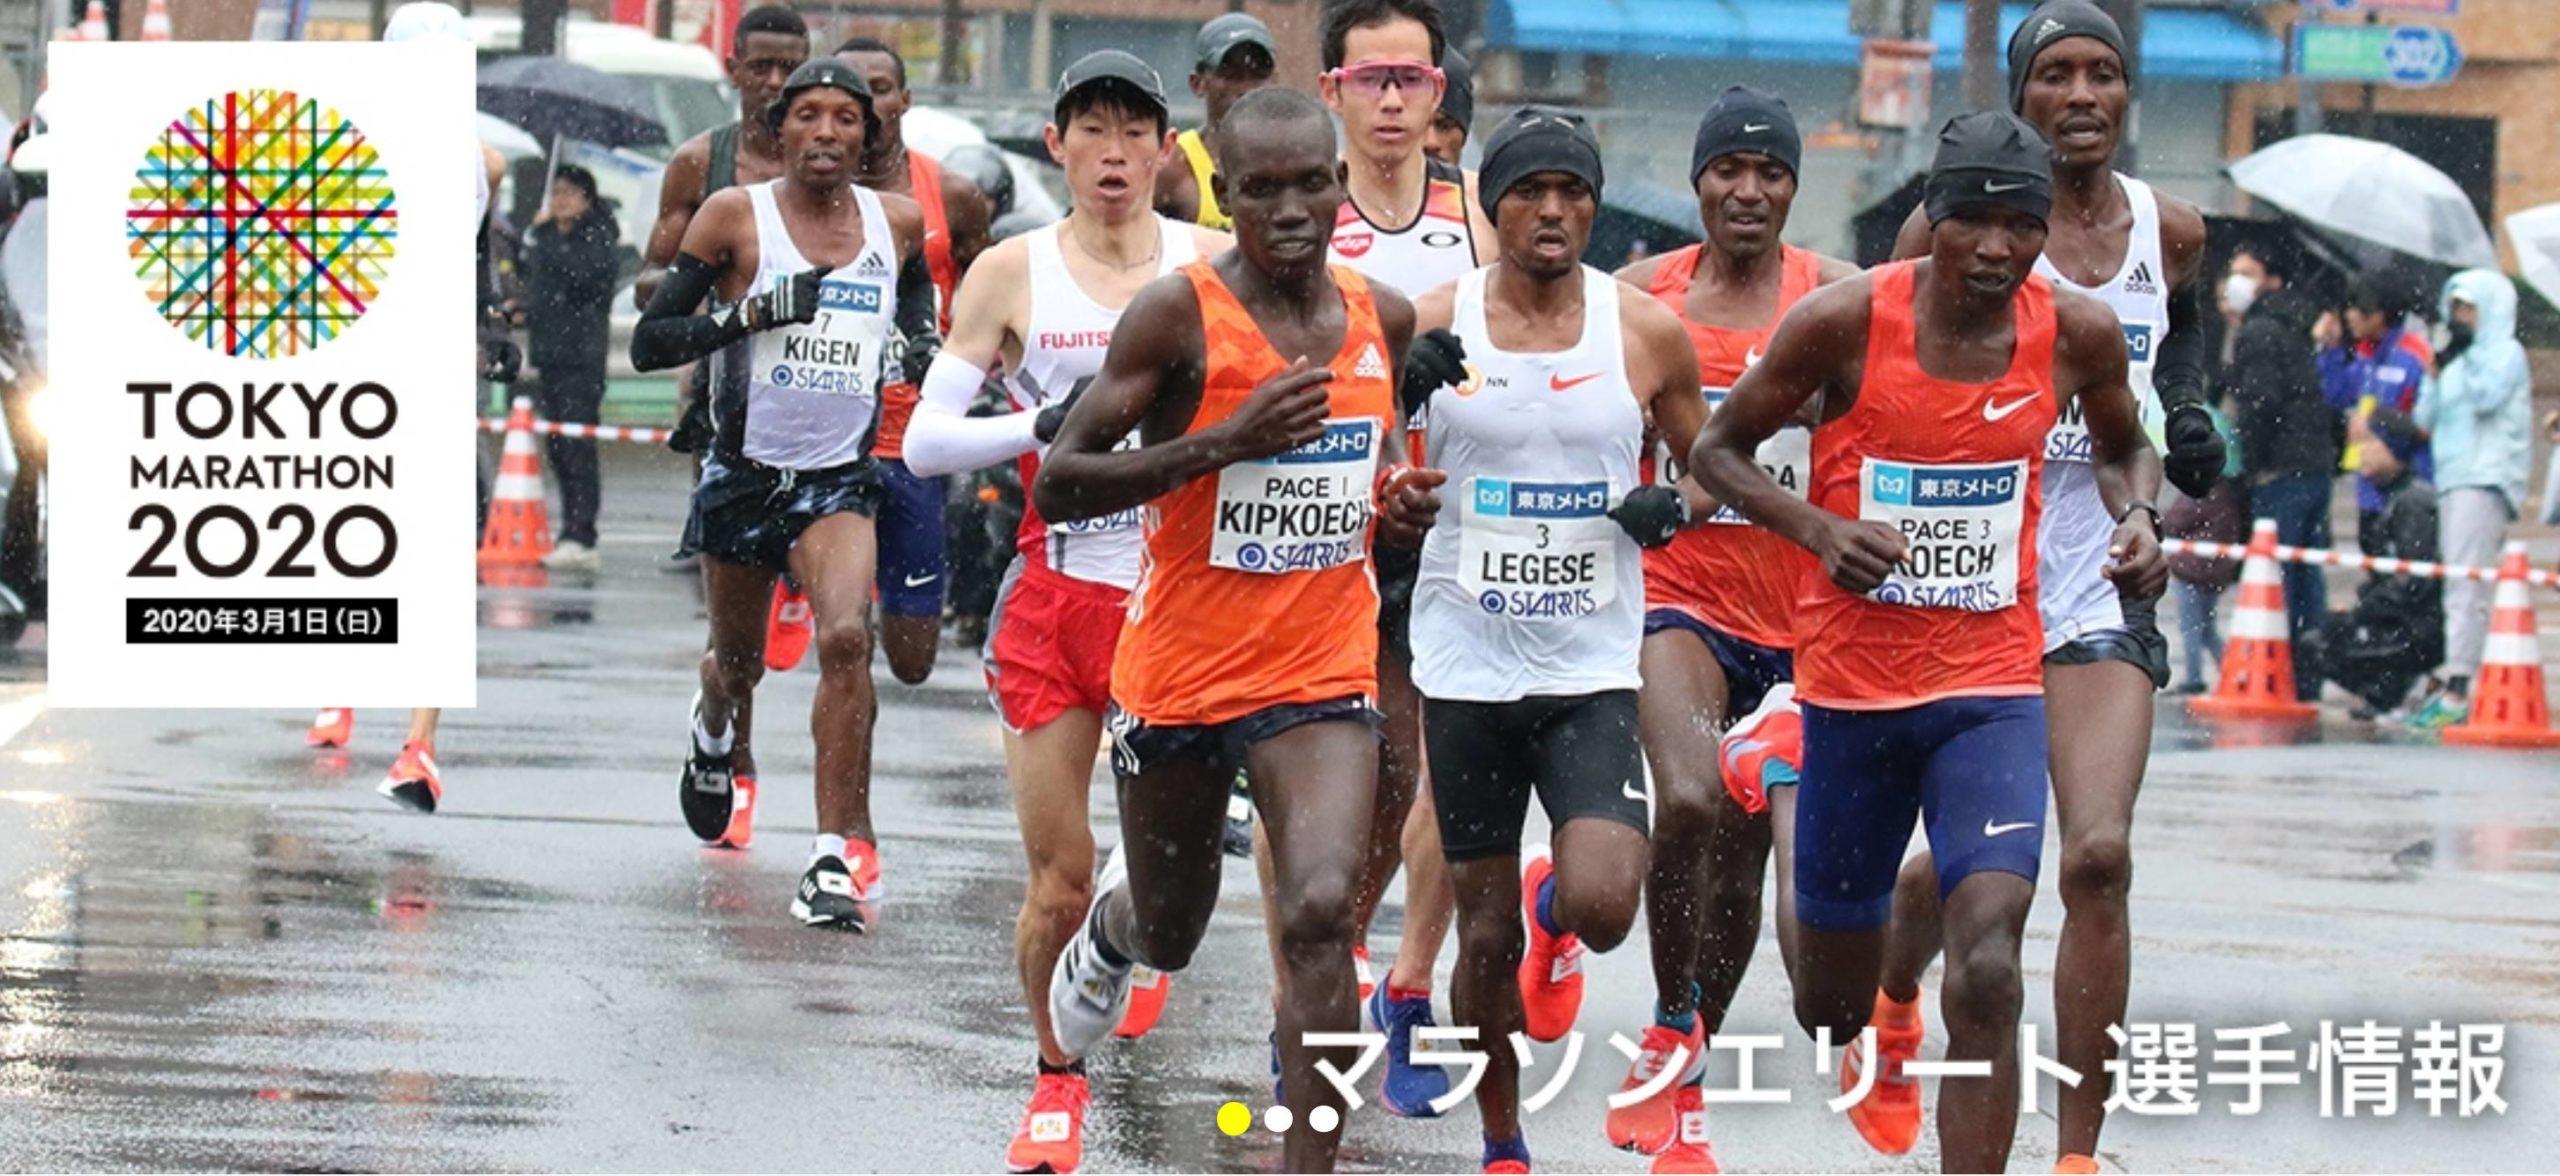 東京マラソン2020の一般参加者の出場が中止に